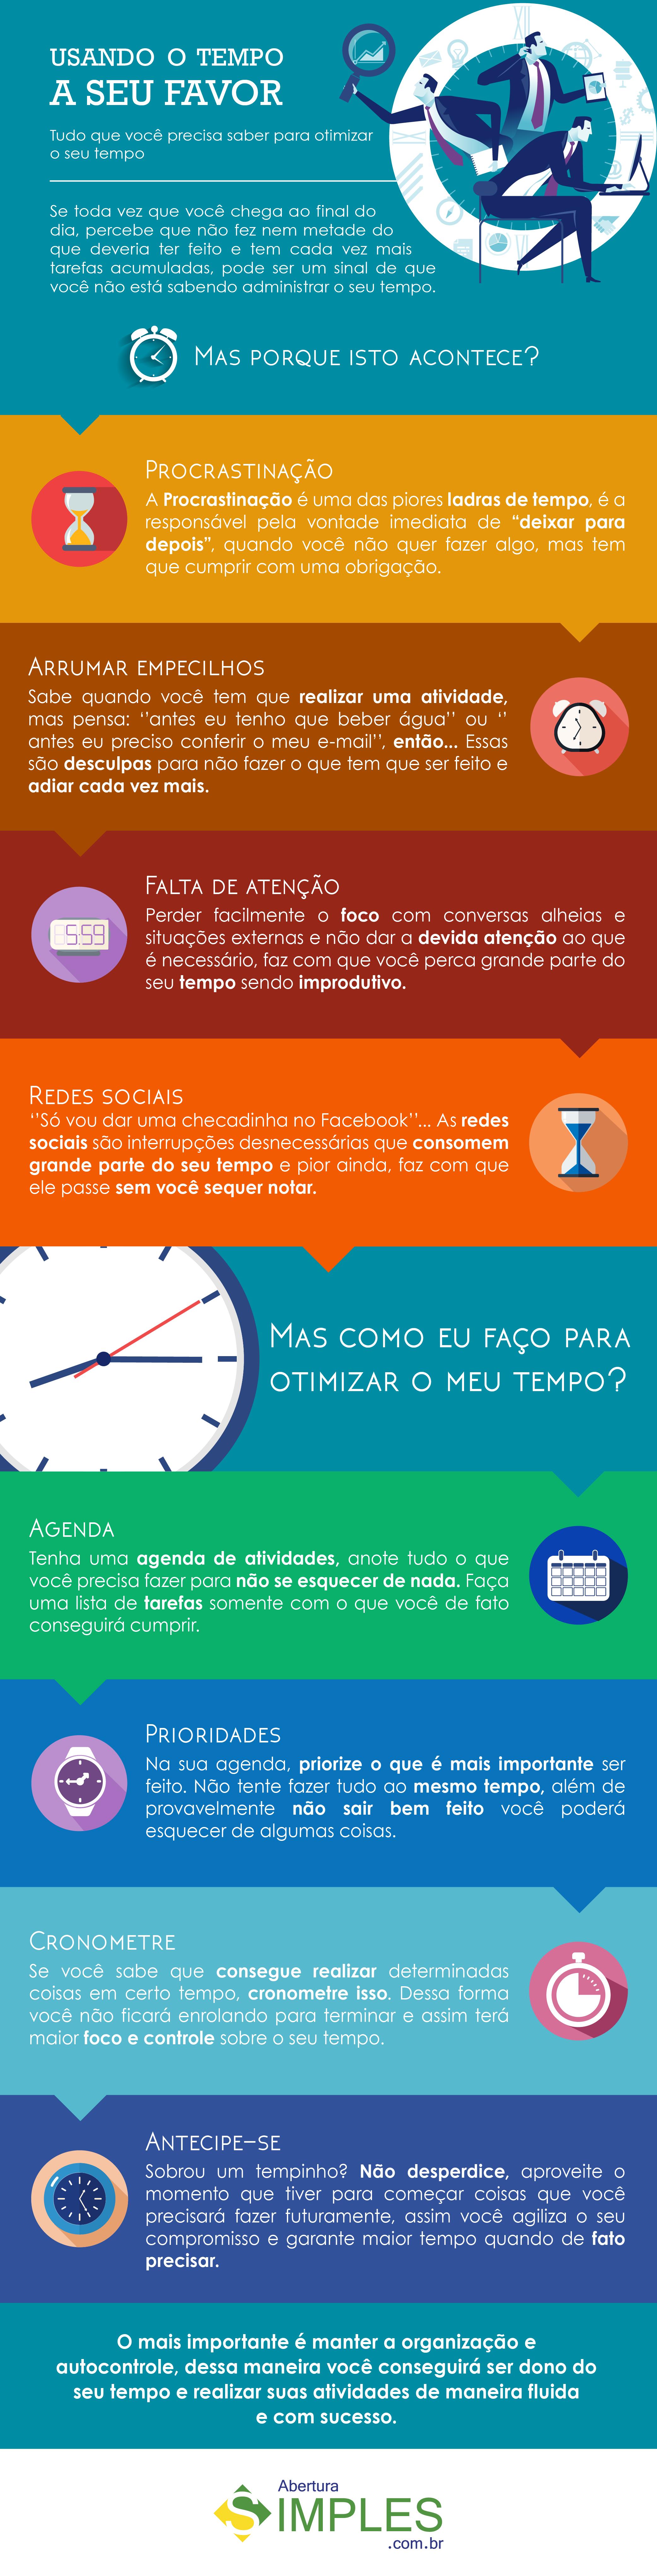 Infográfico sobre como otimizar o seu tempo - Abertura Simples